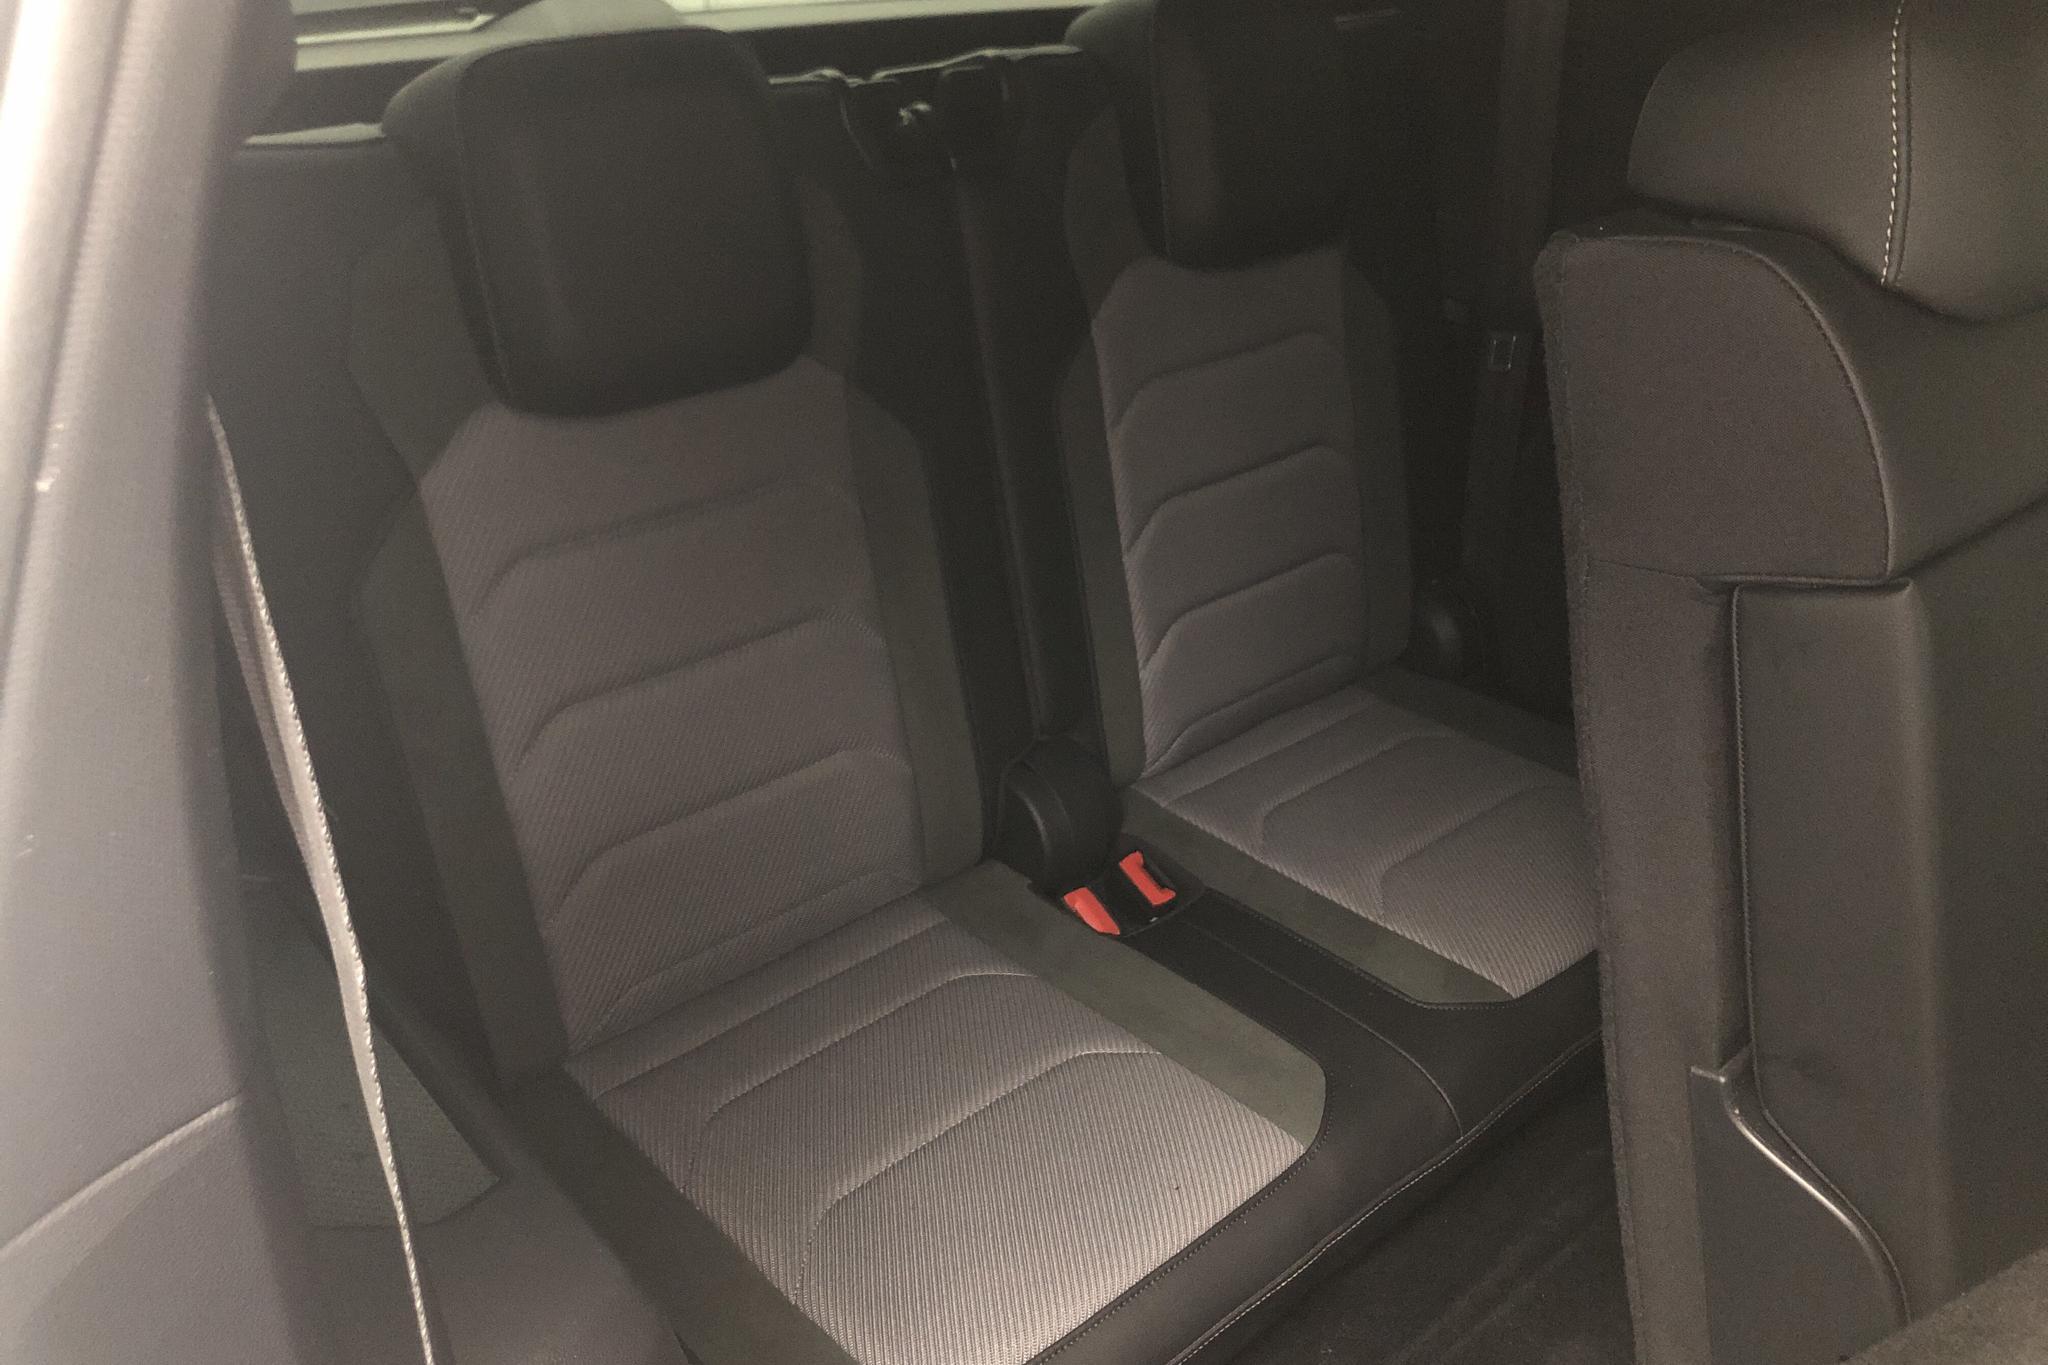 VW Tiguan Allspace 2.0 TDI 4MOTION (190hk) - 81 510 km - Automatic - white - 2018